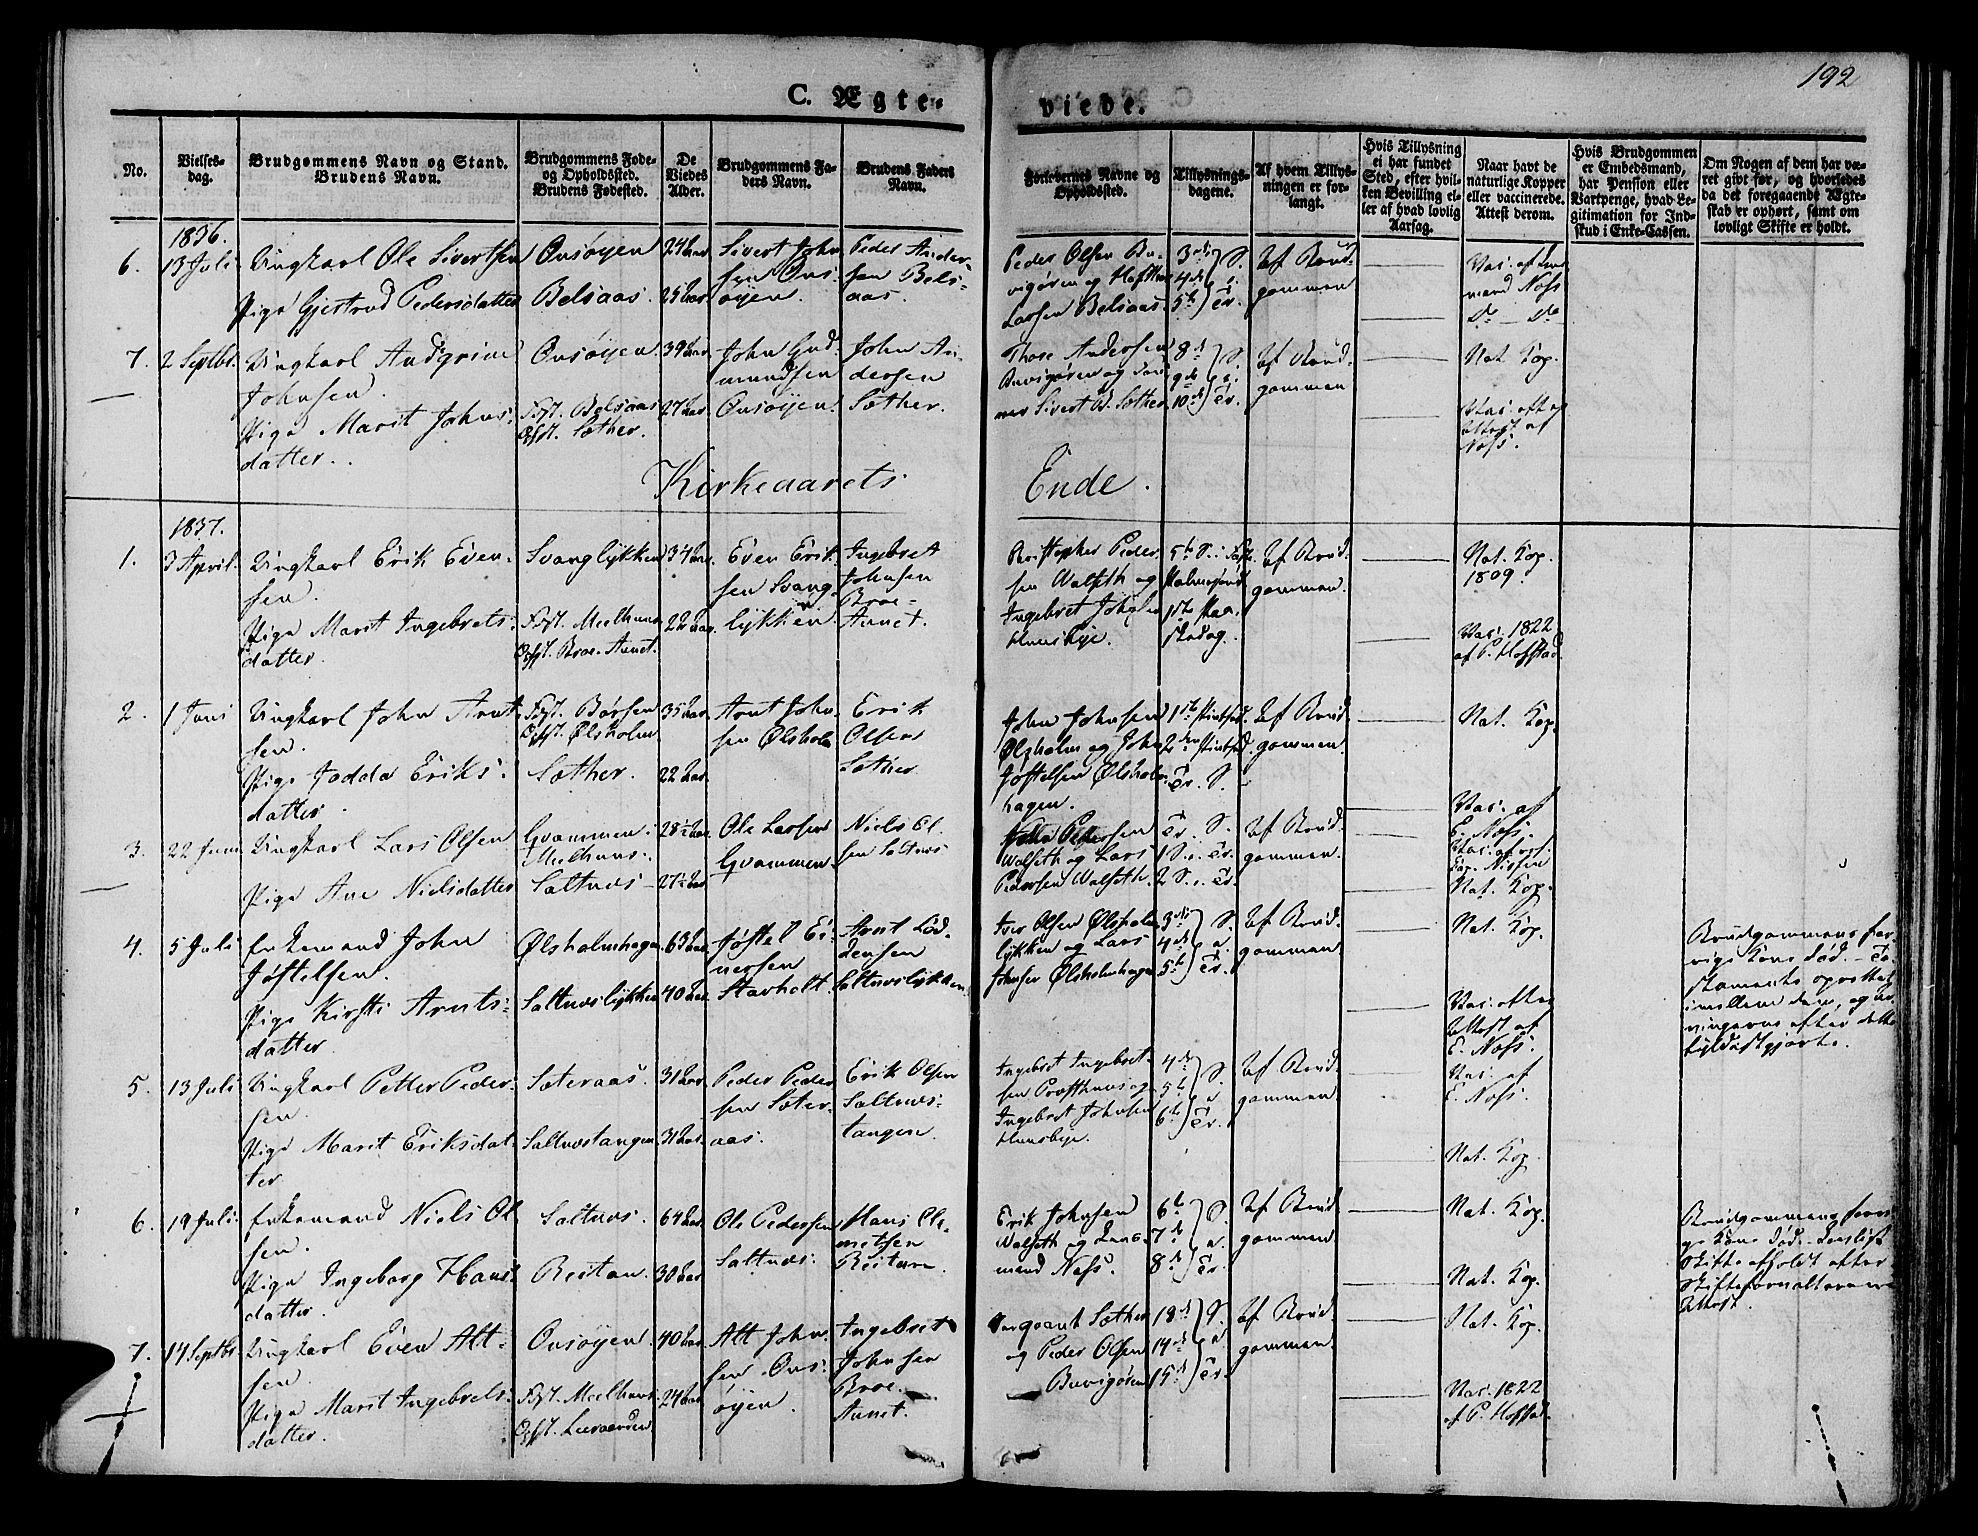 SAT, Ministerialprotokoller, klokkerbøker og fødselsregistre - Sør-Trøndelag, 612/L0375: Ministerialbok nr. 612A07 /2, 1829-1845, s. 192